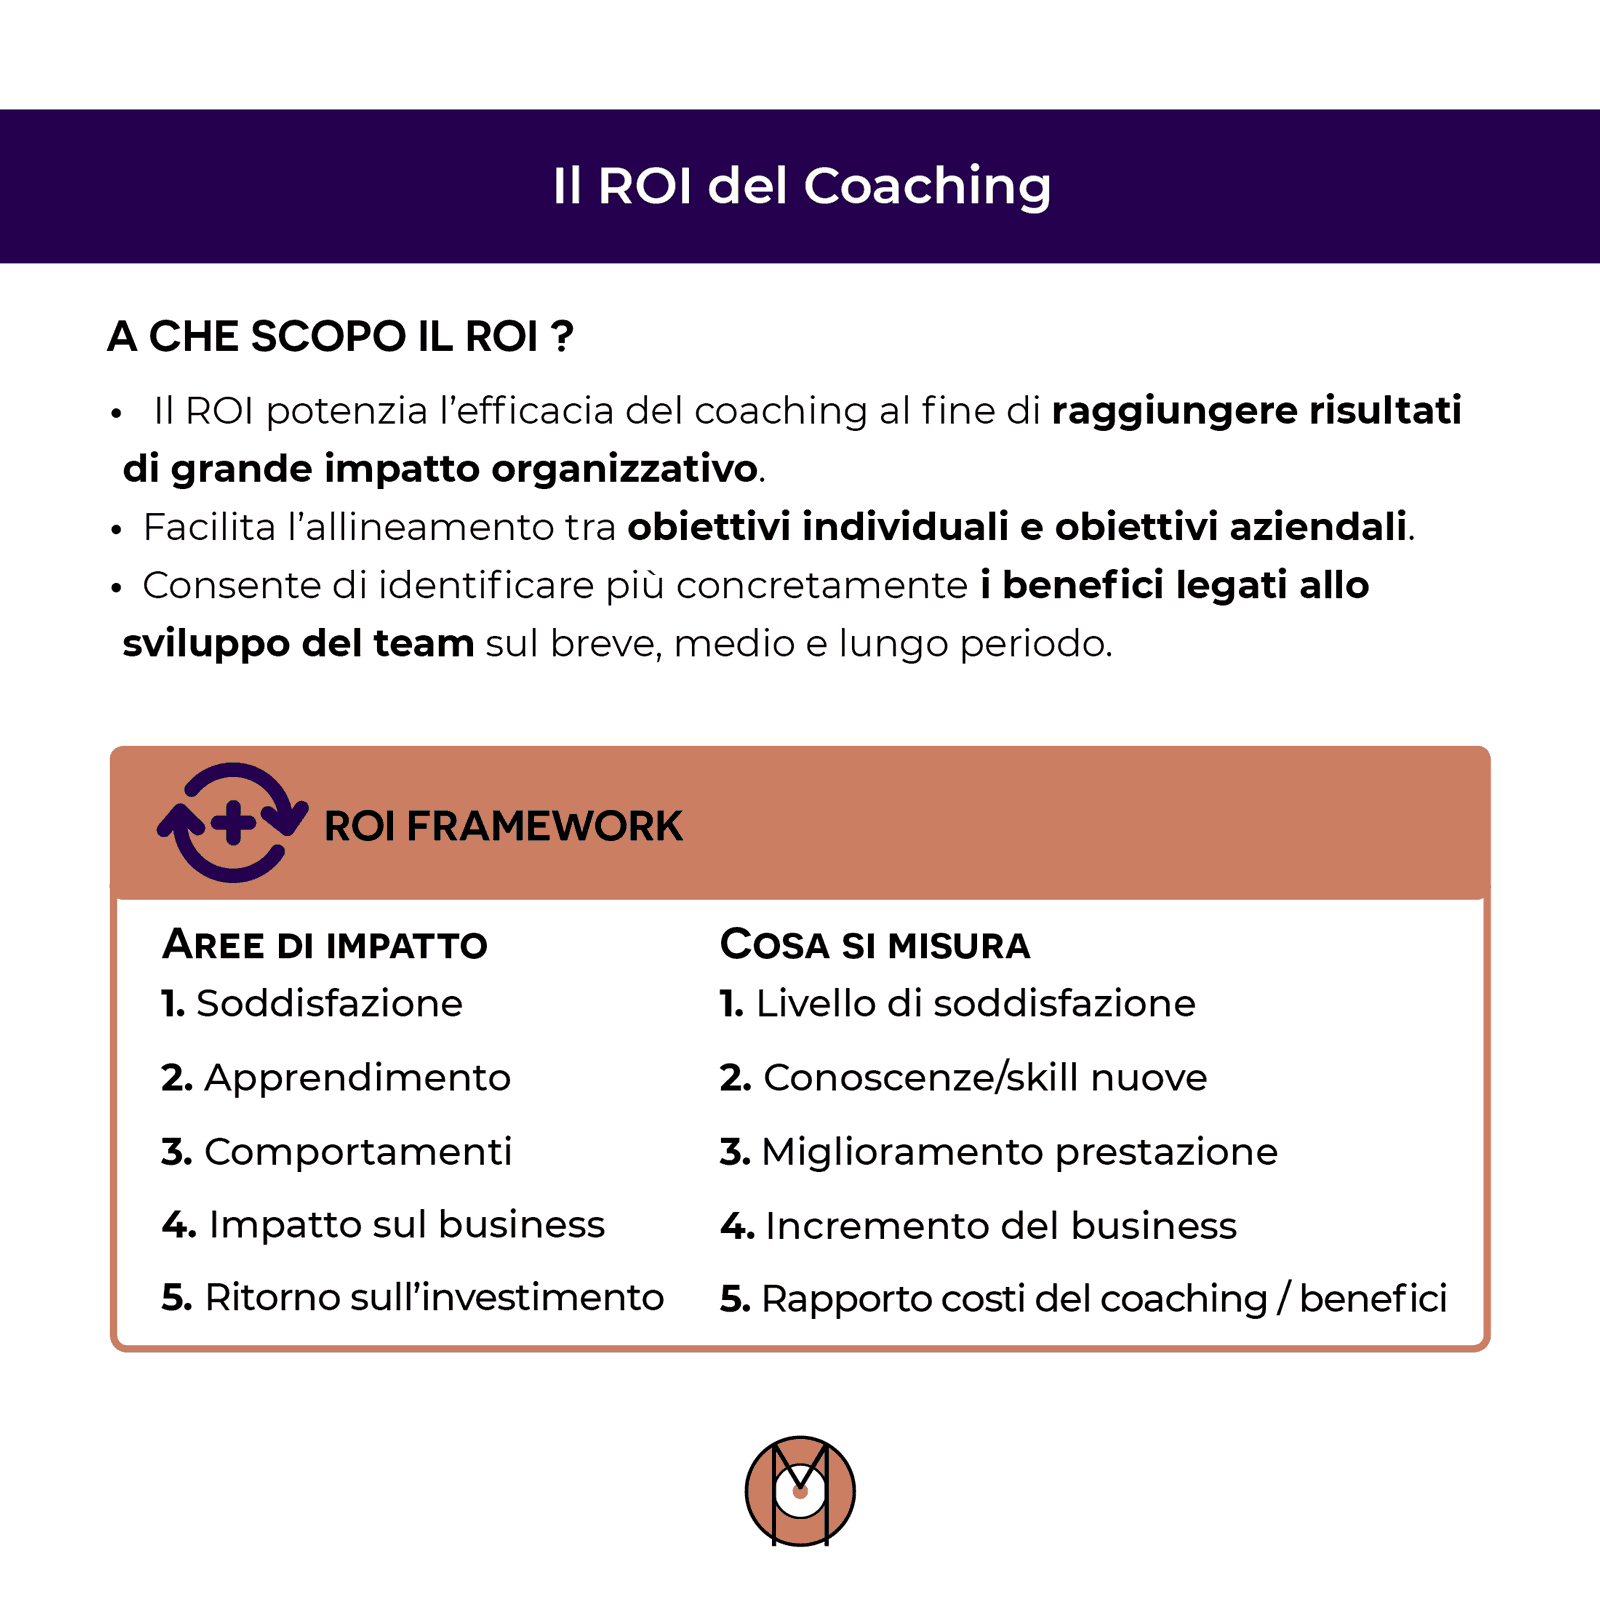 Il ROI del coaching